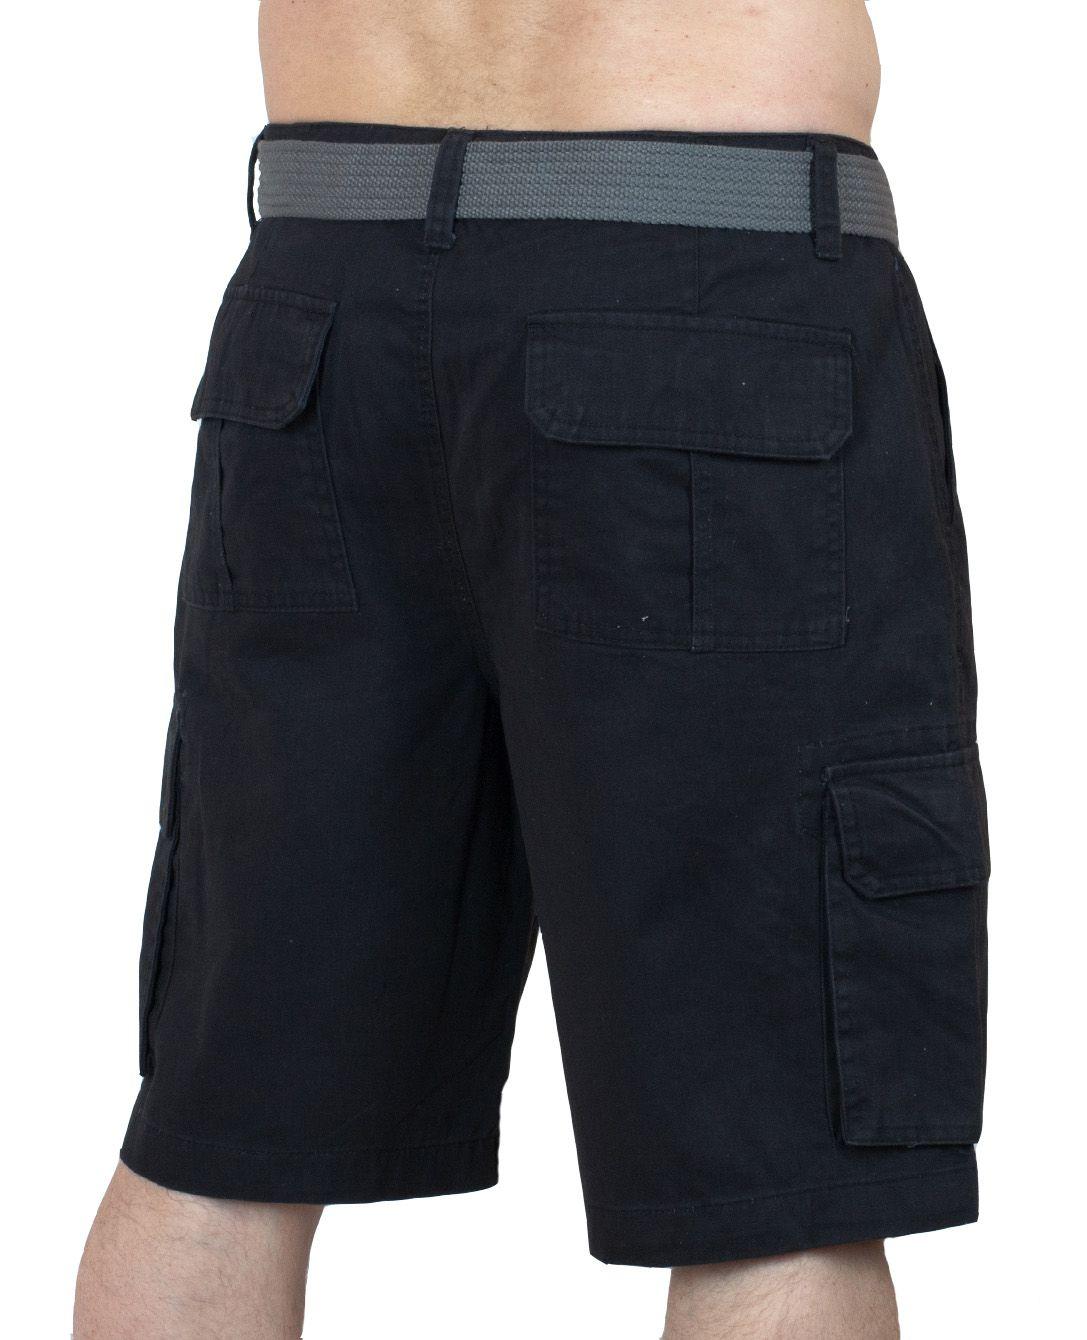 Эксклюзивные шорты карго Weatherproof - вид сзади